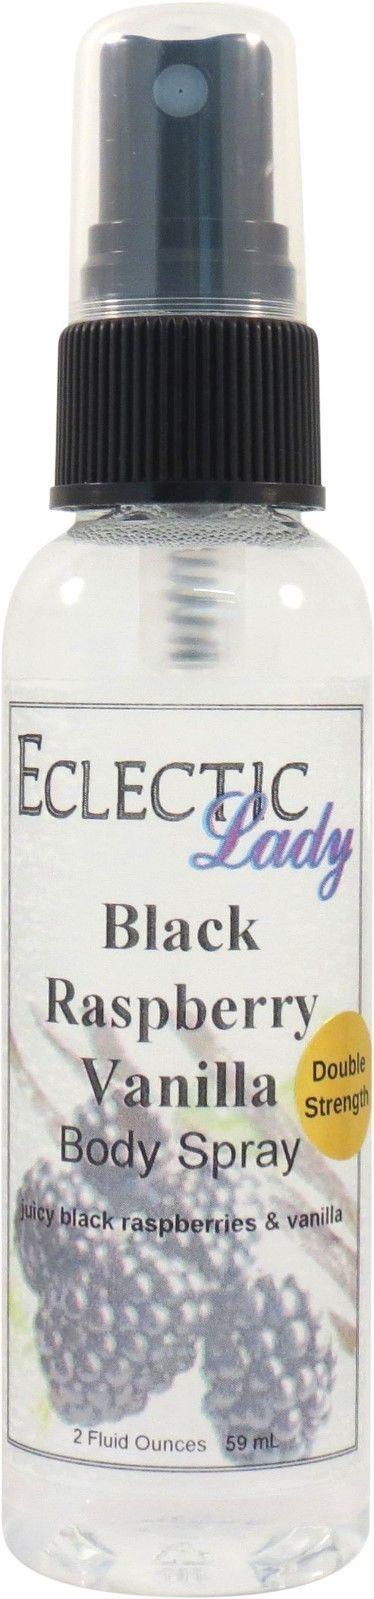 Black Raspberry Vanilla Body Spray